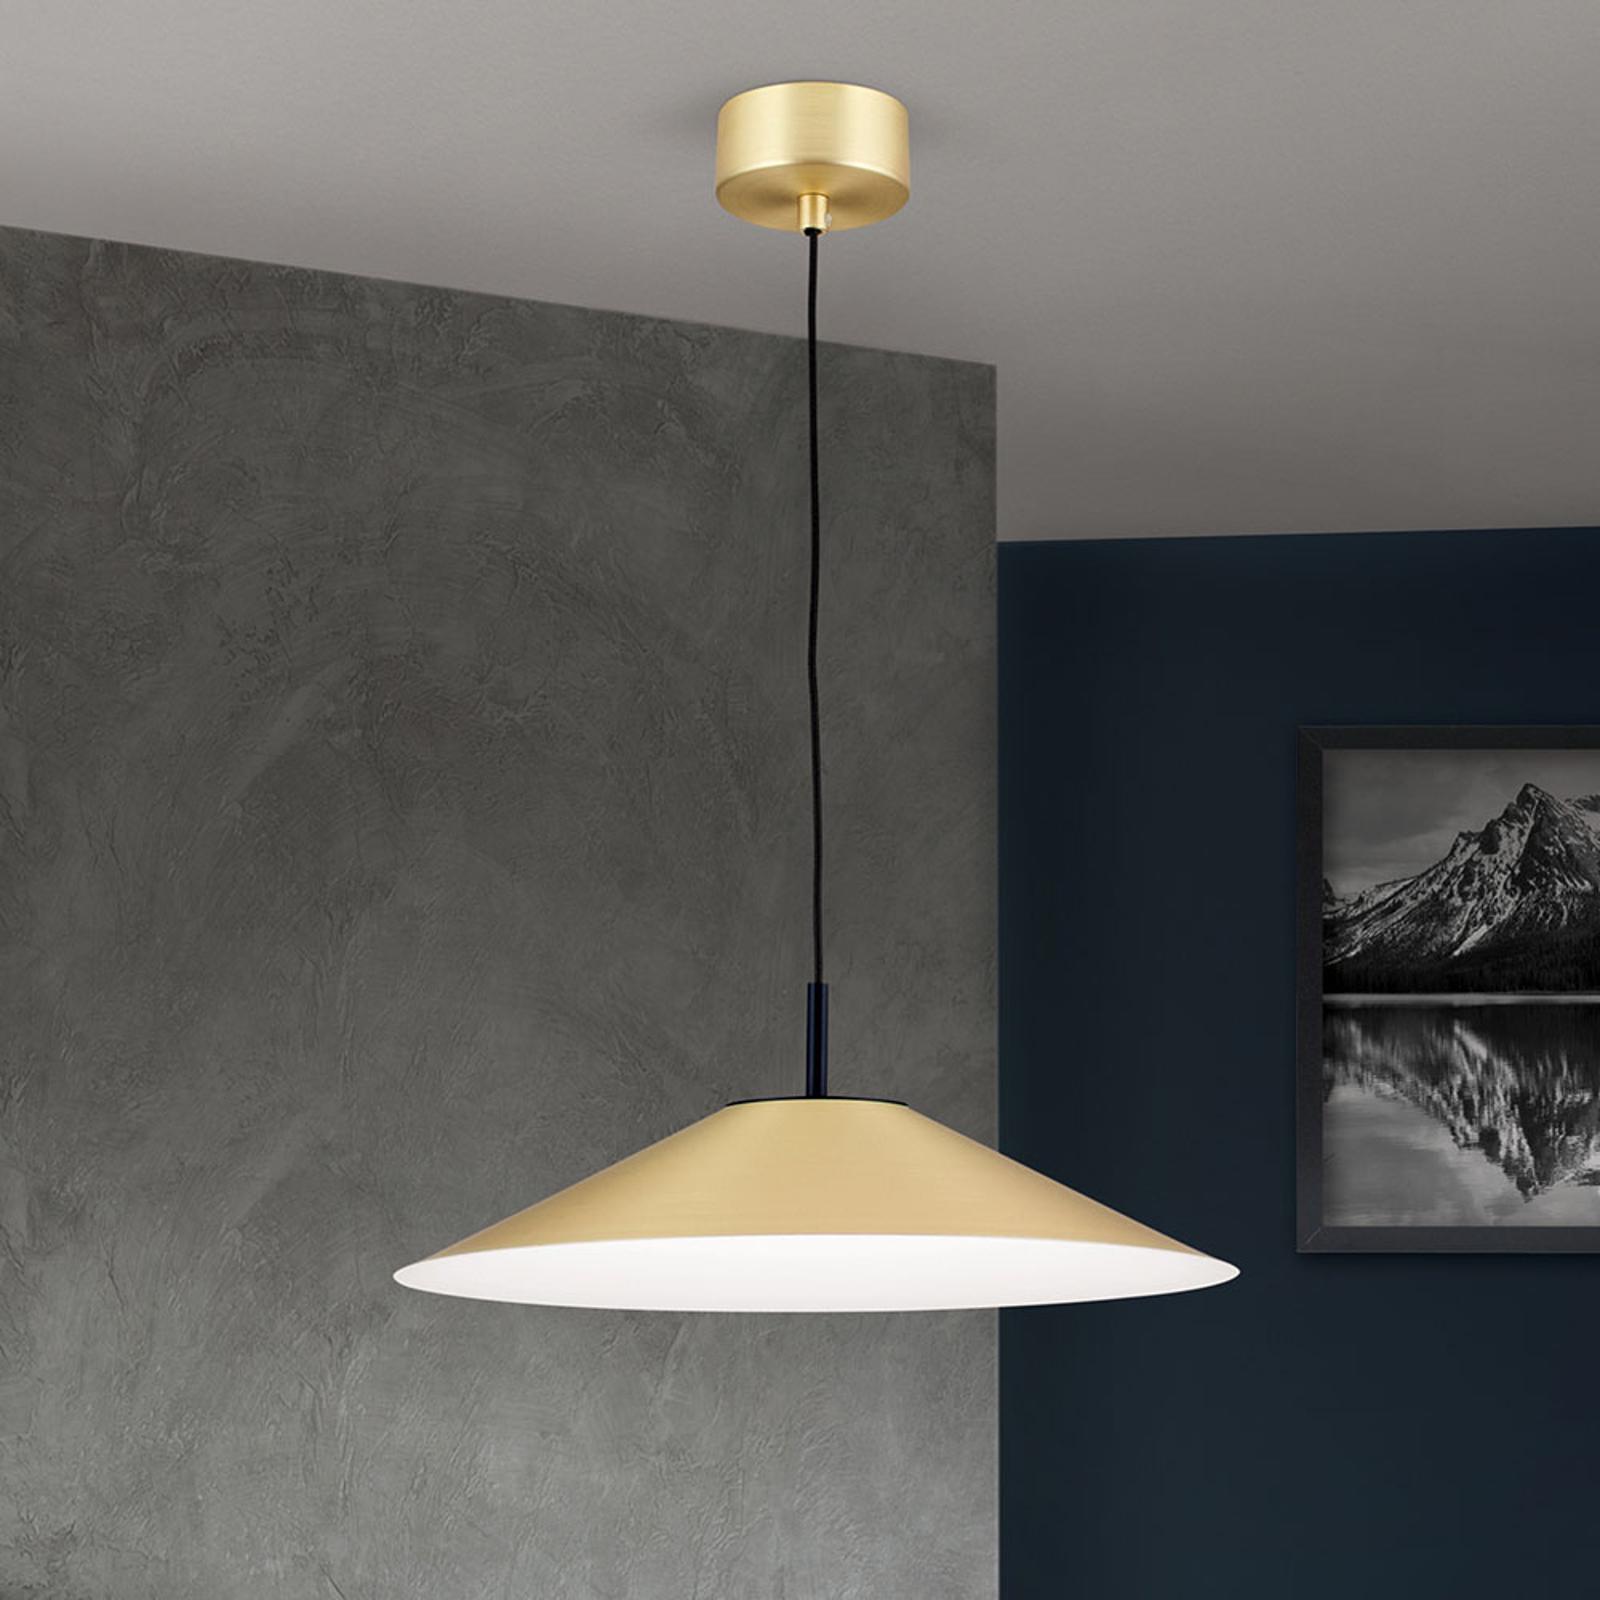 LED-riippuvalaisin Gourmet, mattamessinkivarjostin